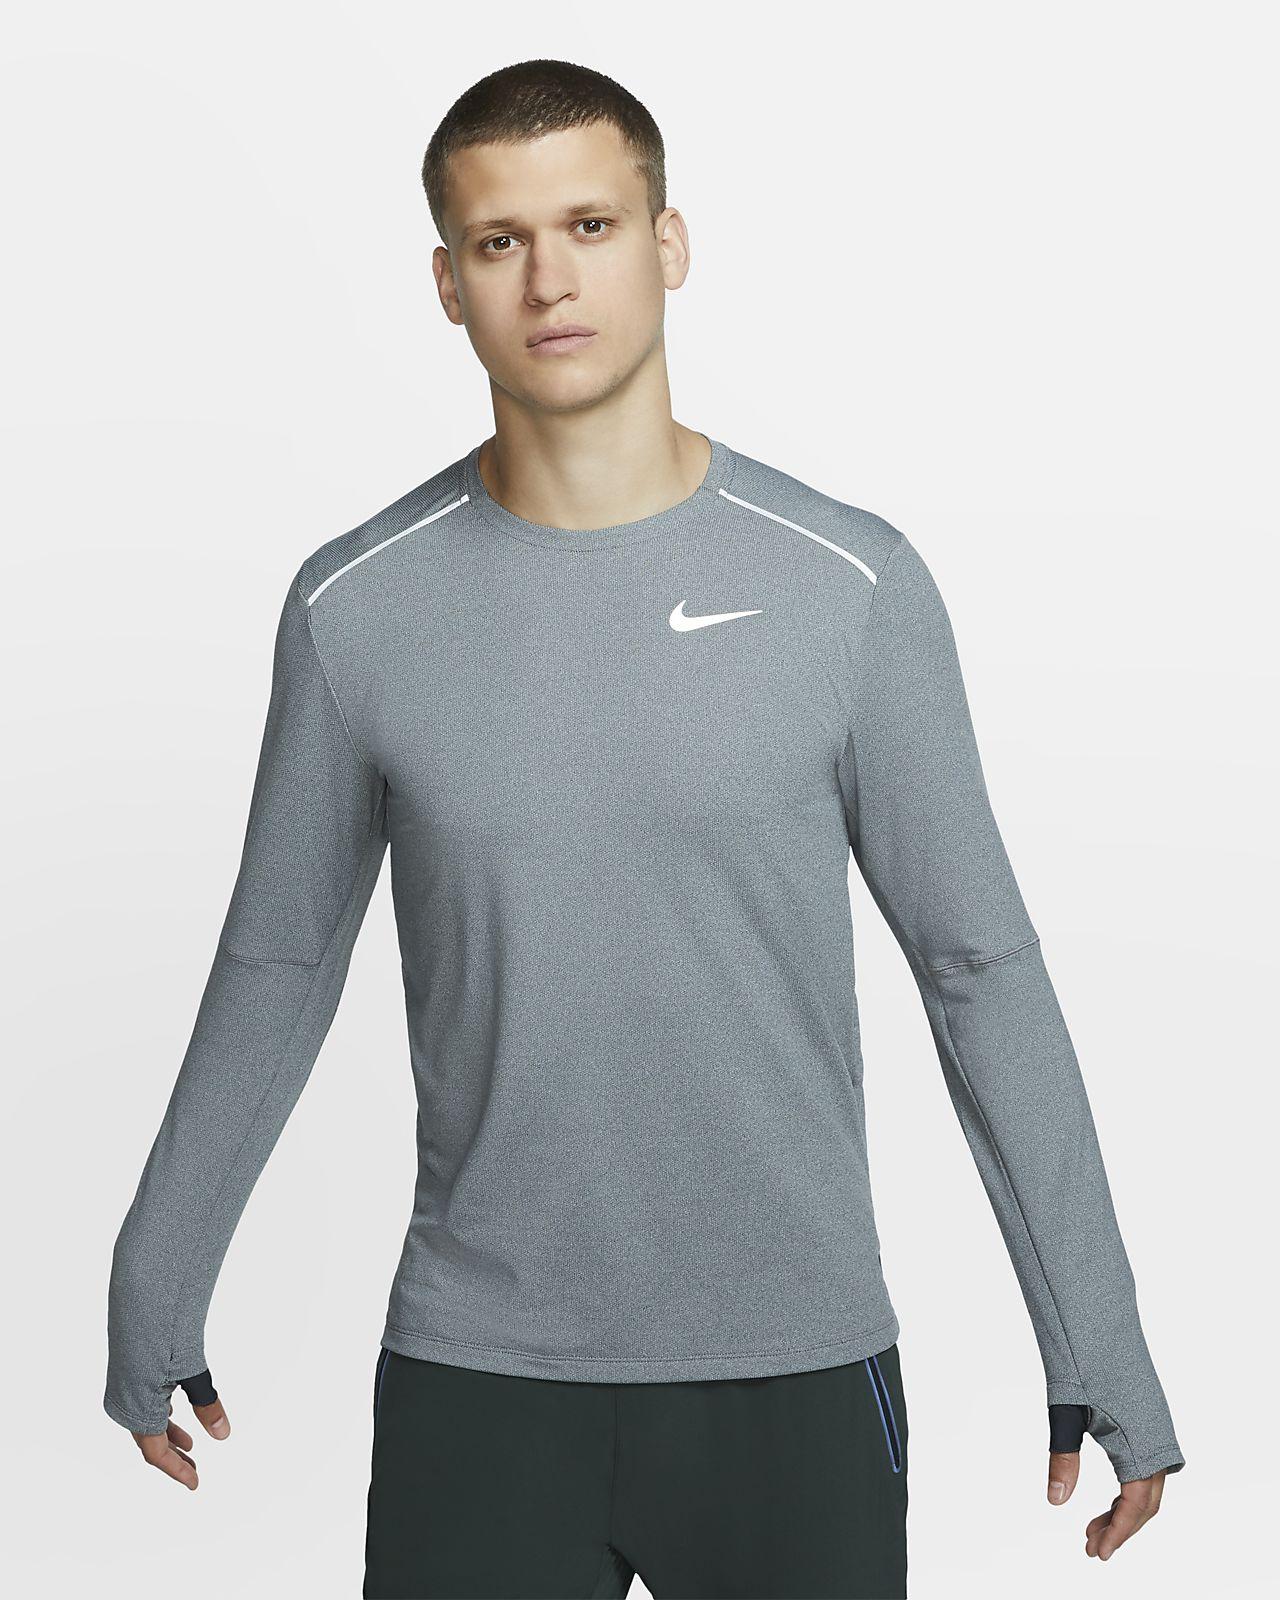 Löpartröja Nike Element 3.0 med rund hals för män